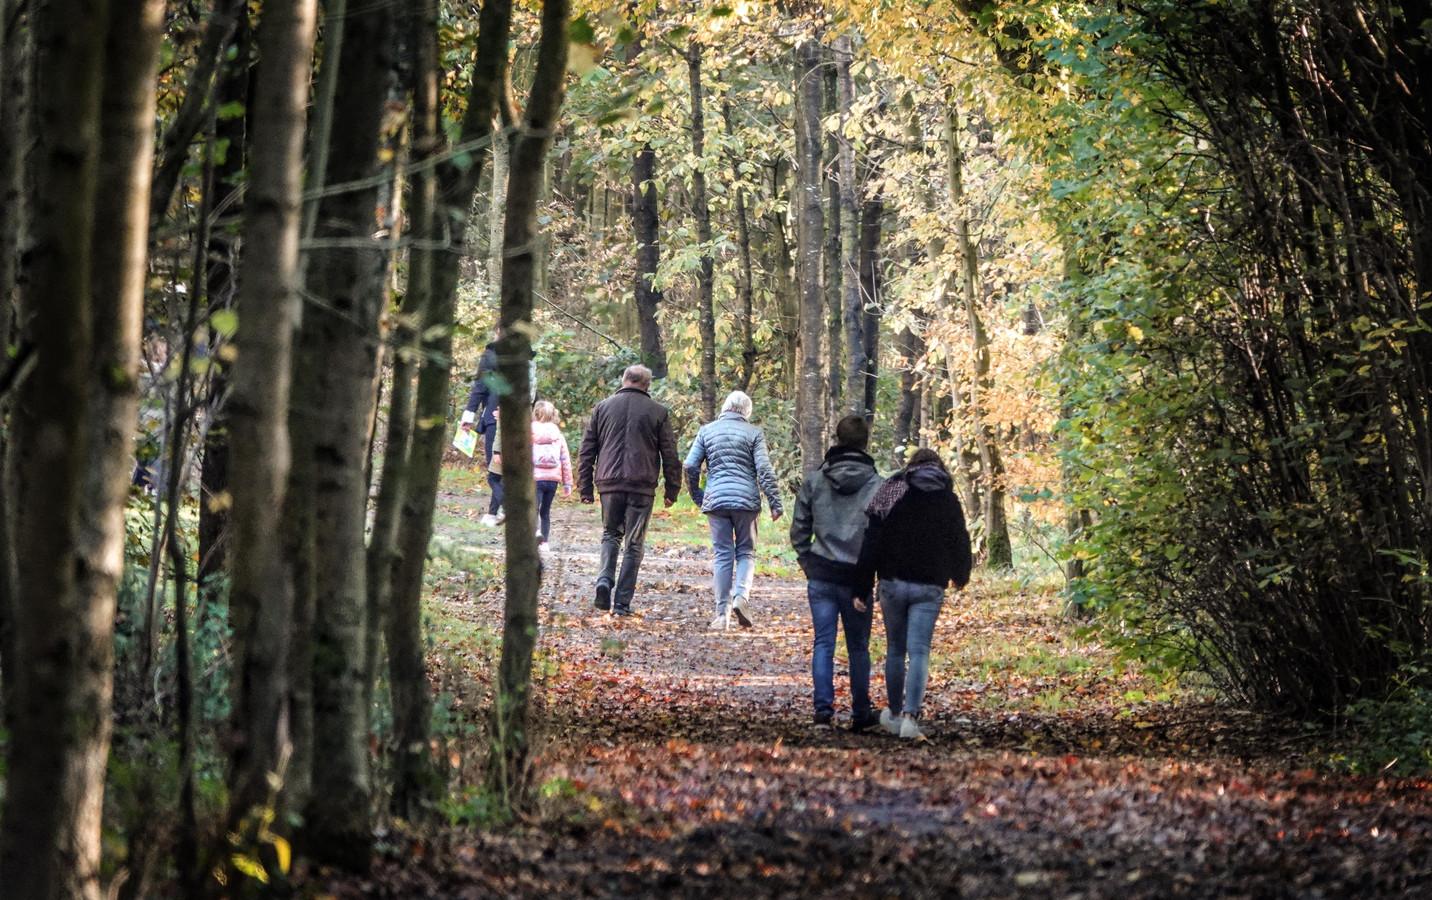 De wandelingen gaan onder meer door het provinciaal domein De Palingbeek.